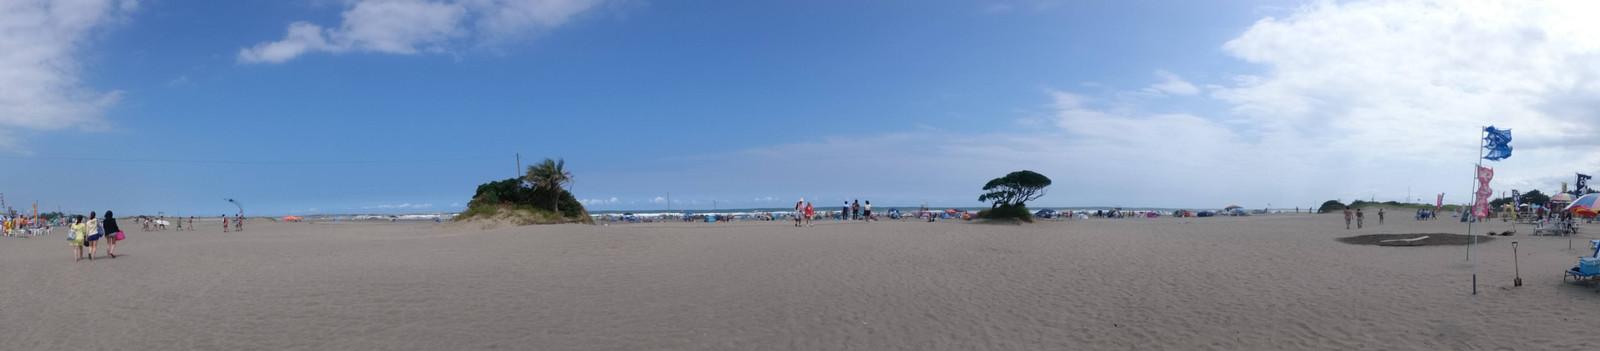 九十九里浜片貝海水浴場